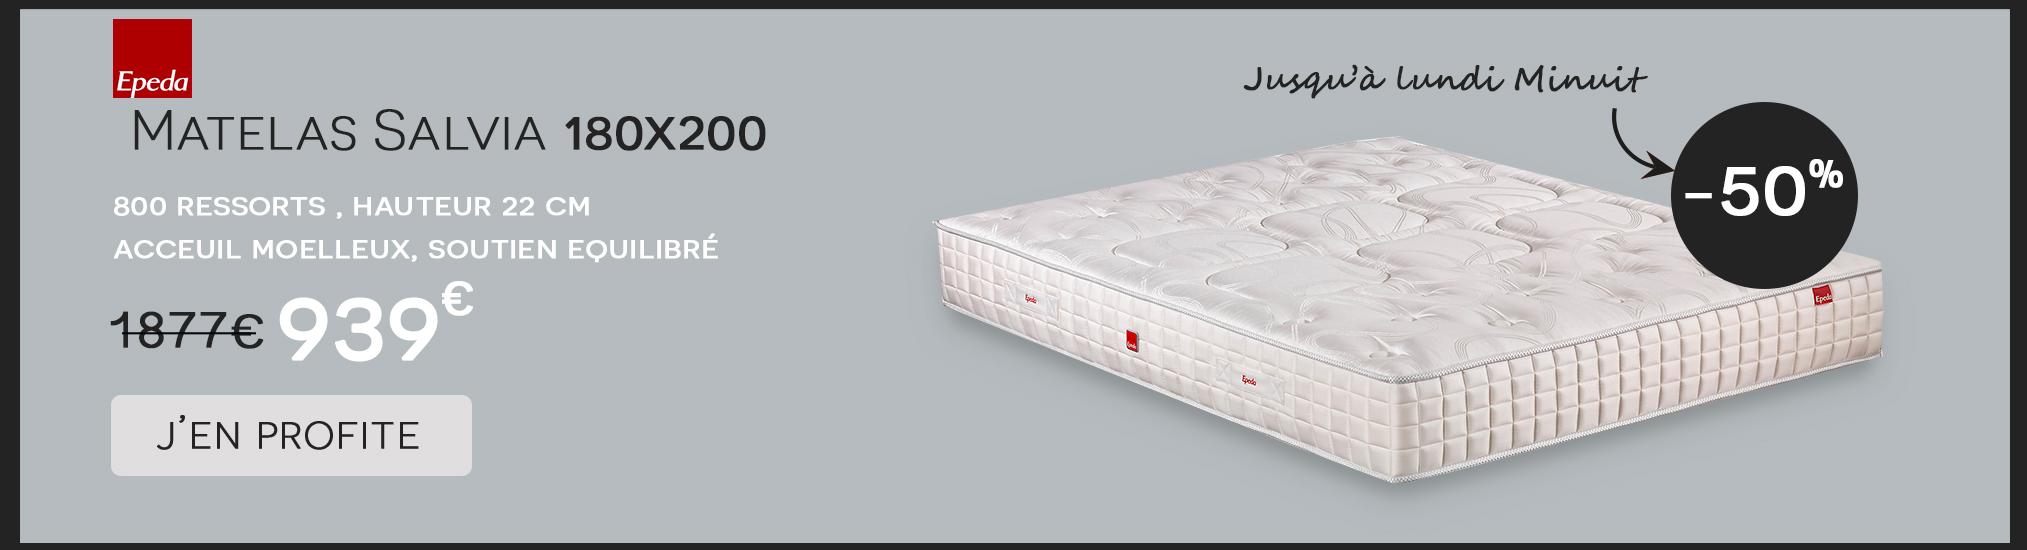 Matelas Salvia Epeda 180x200